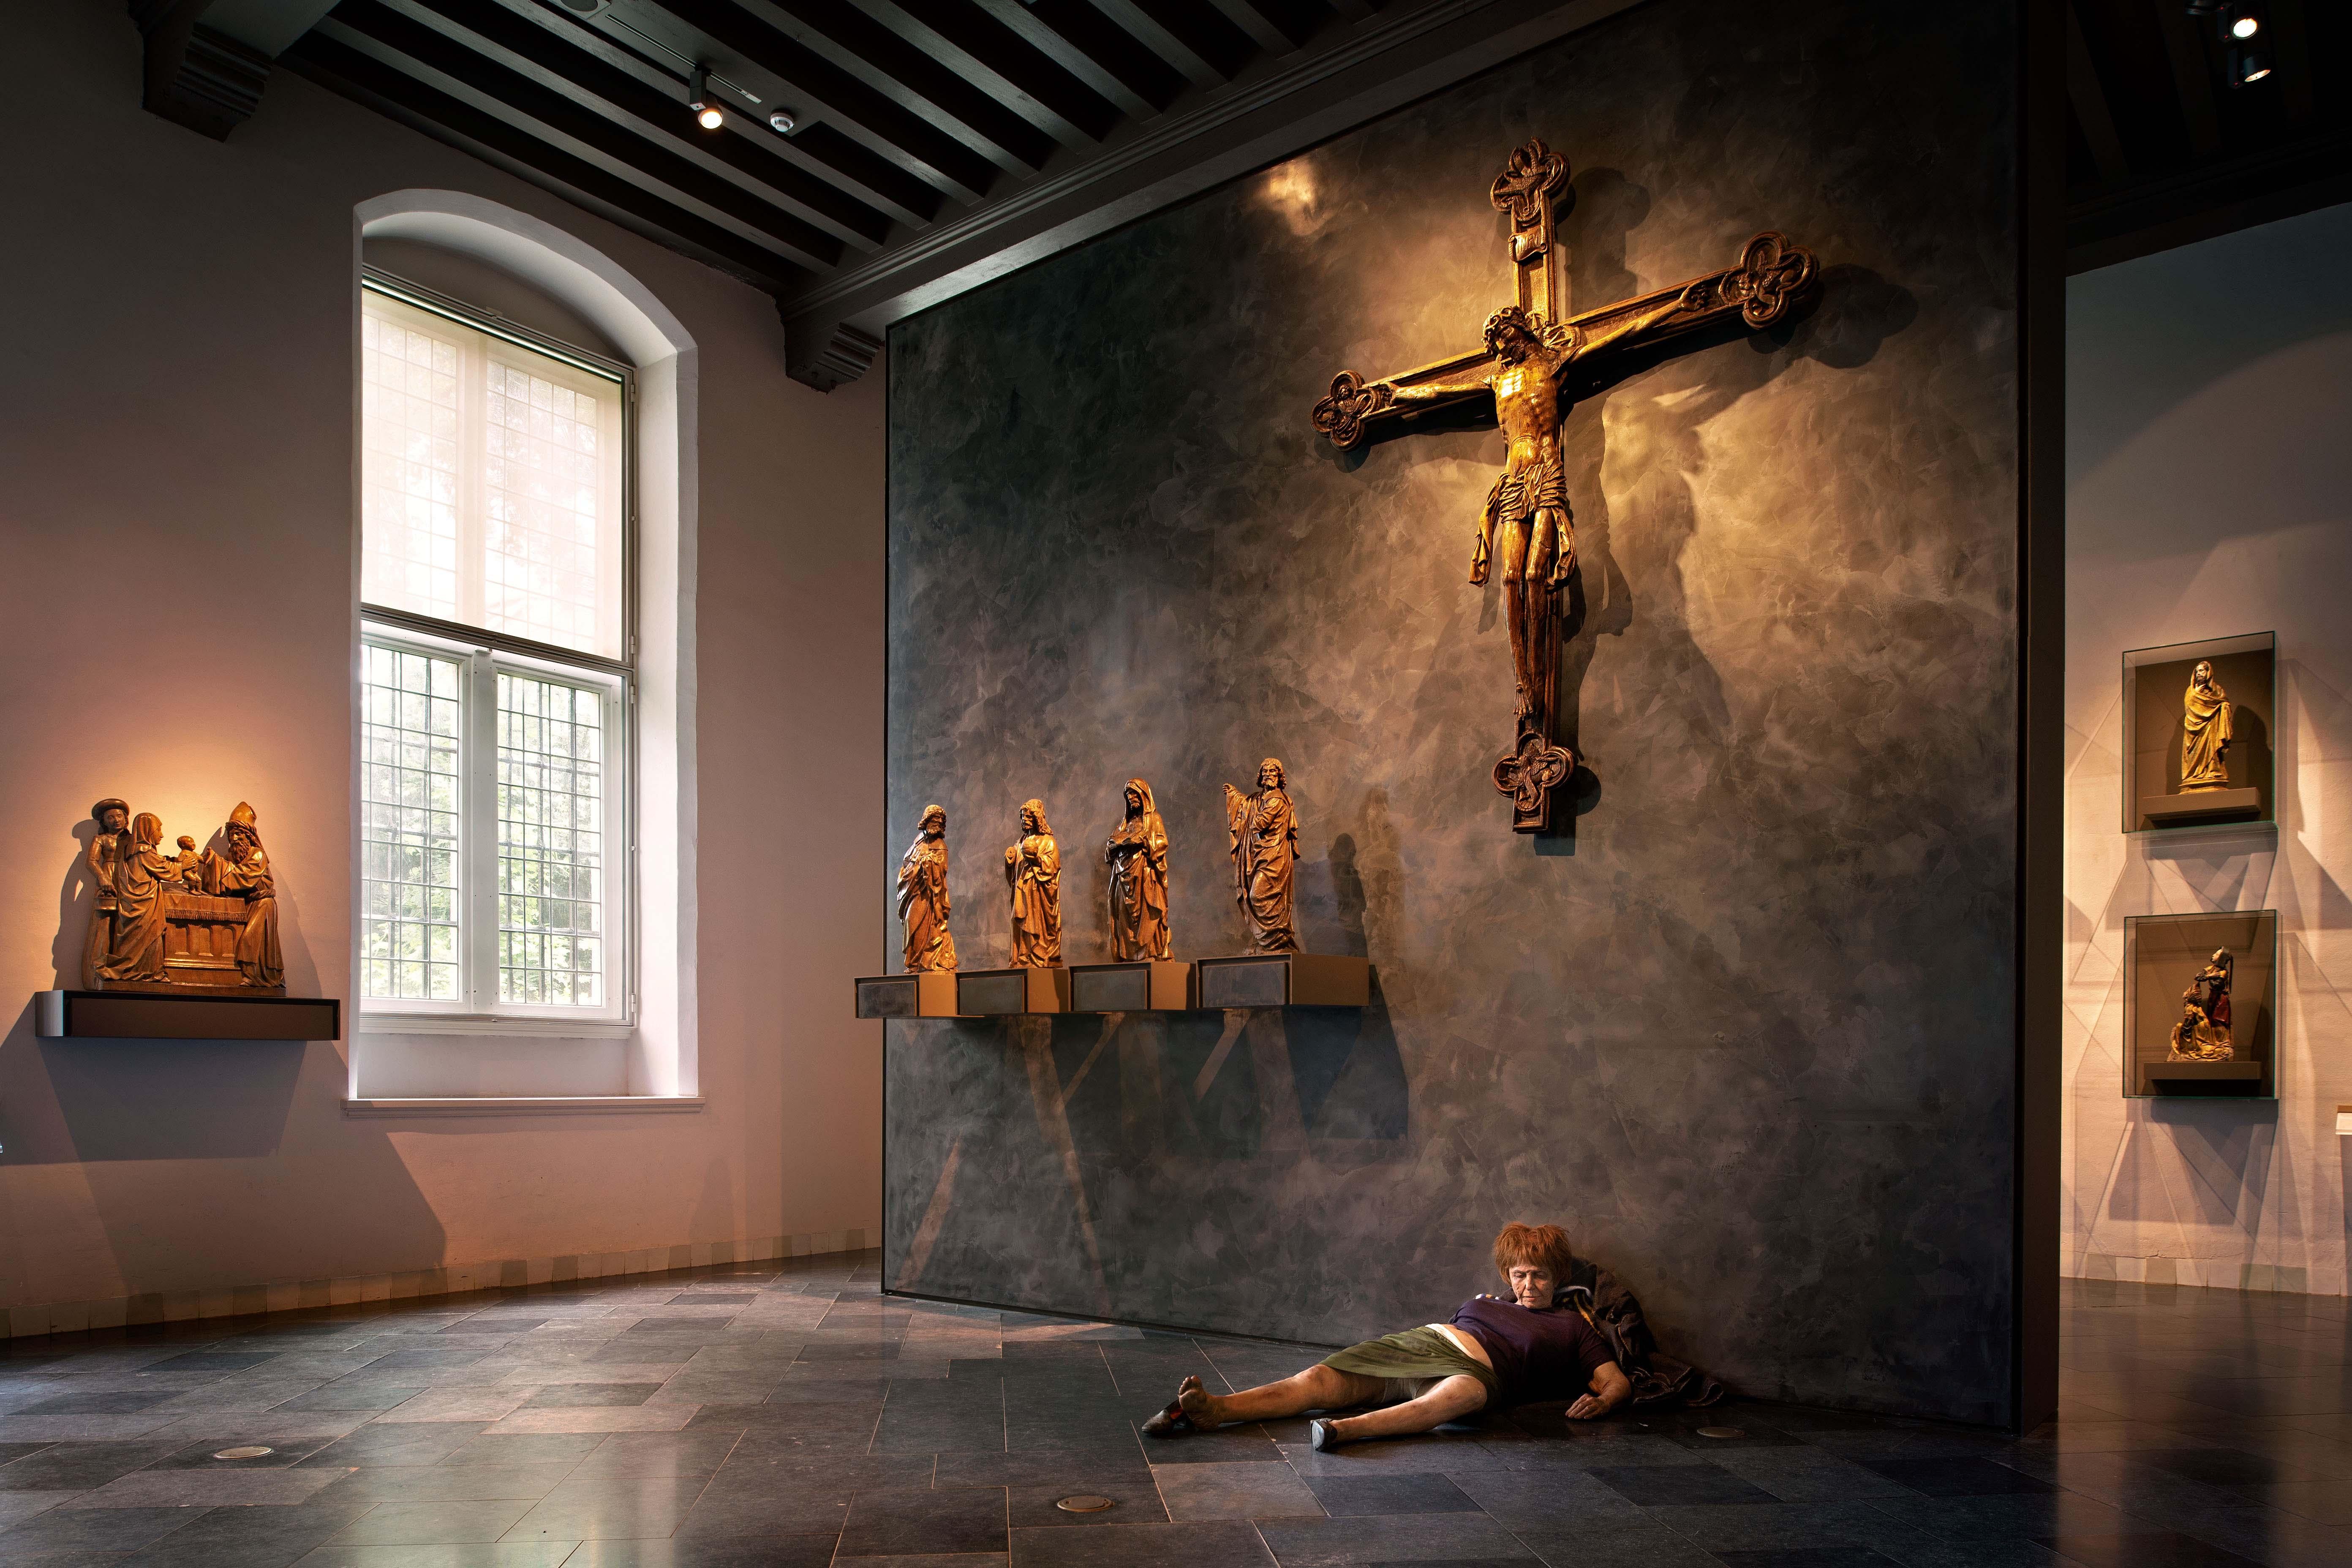 © Museum Catharijneconvent Refter Museum Catharijneconvent met Derelict Woman